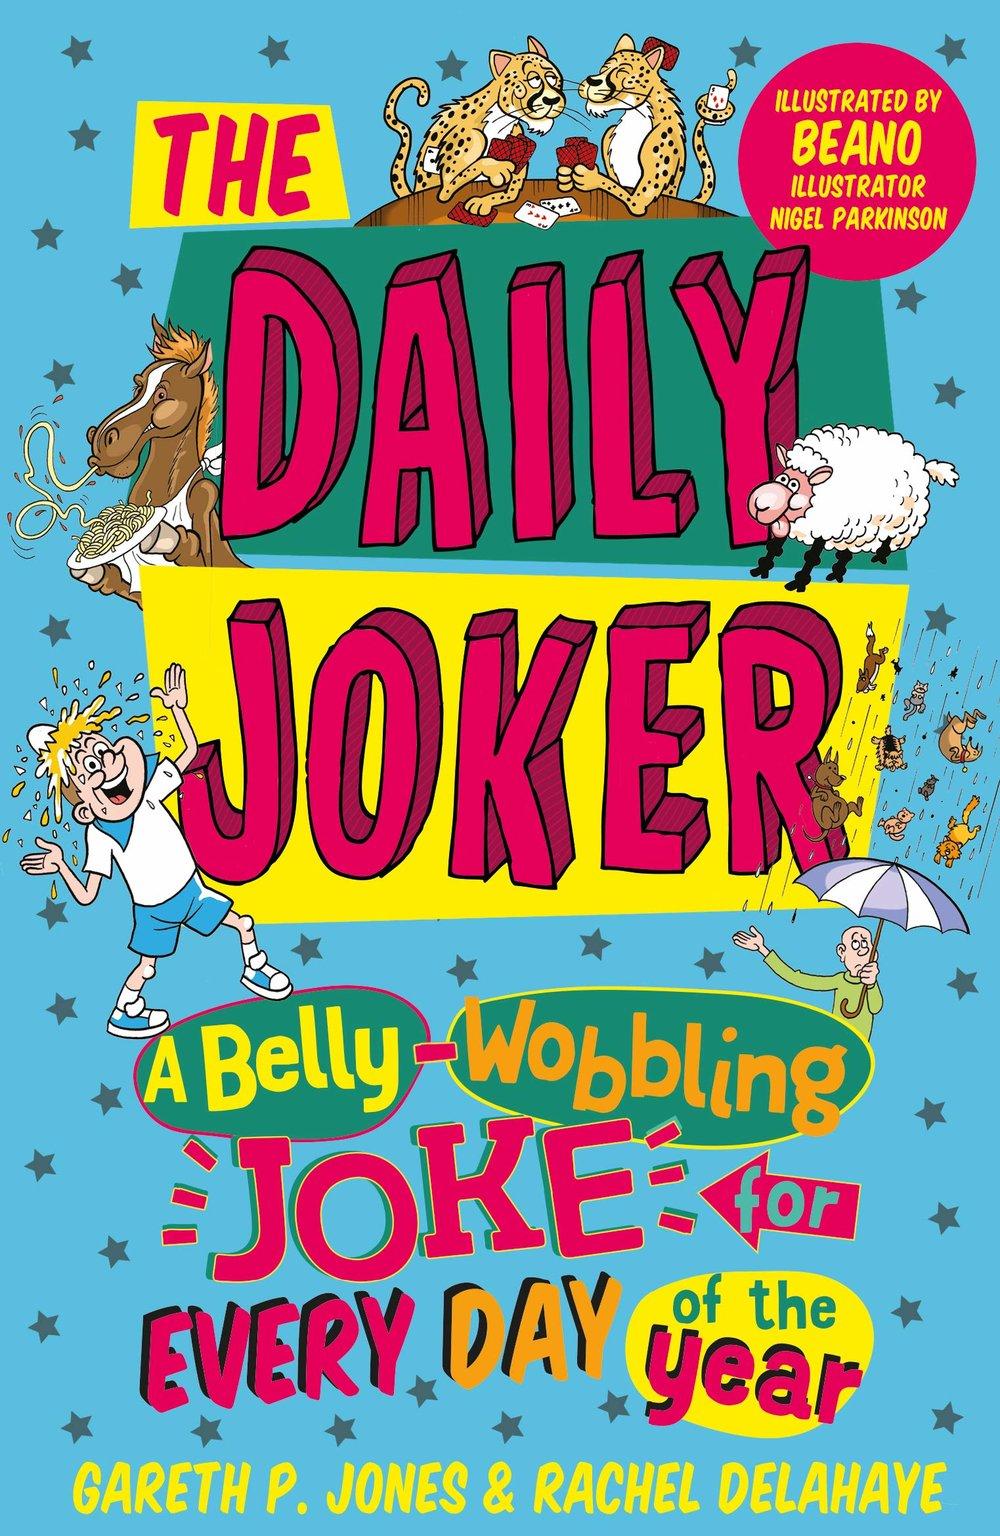 Daily Joker.jpg